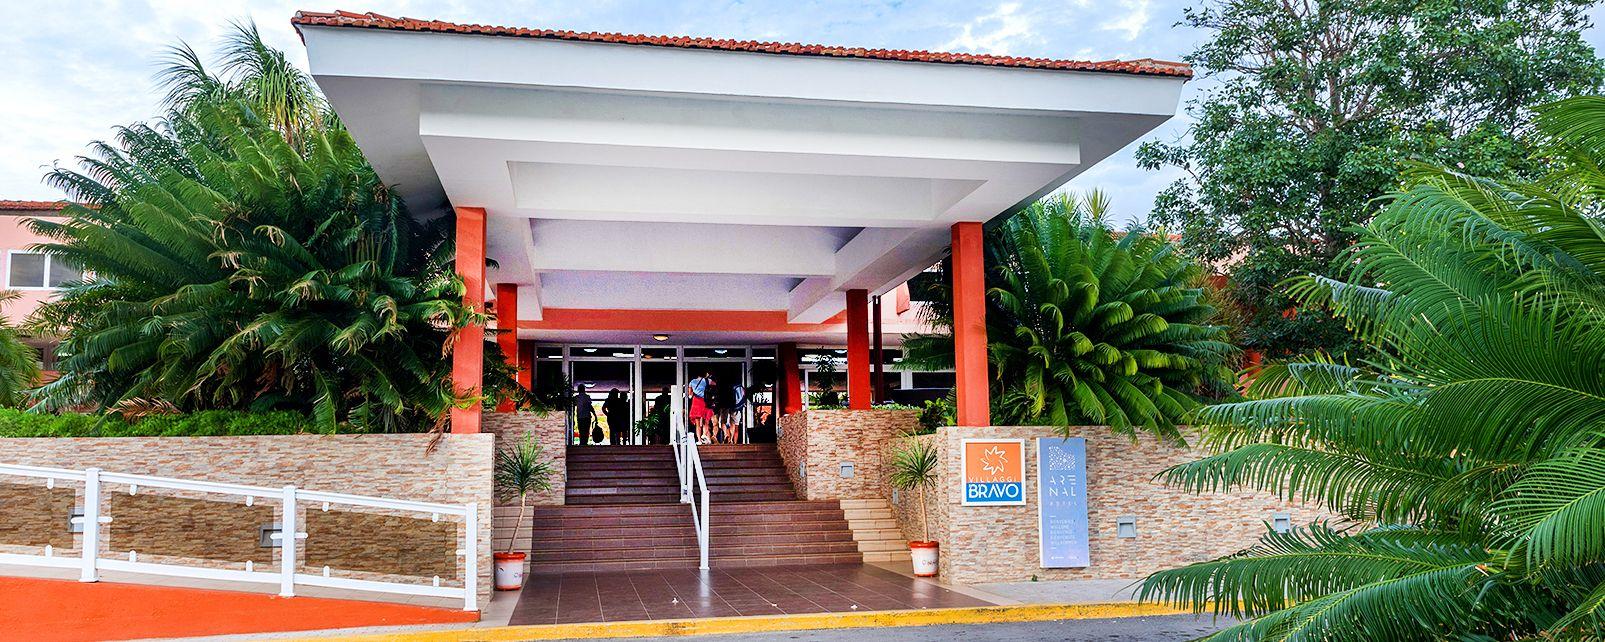 Bravo Club Arenal